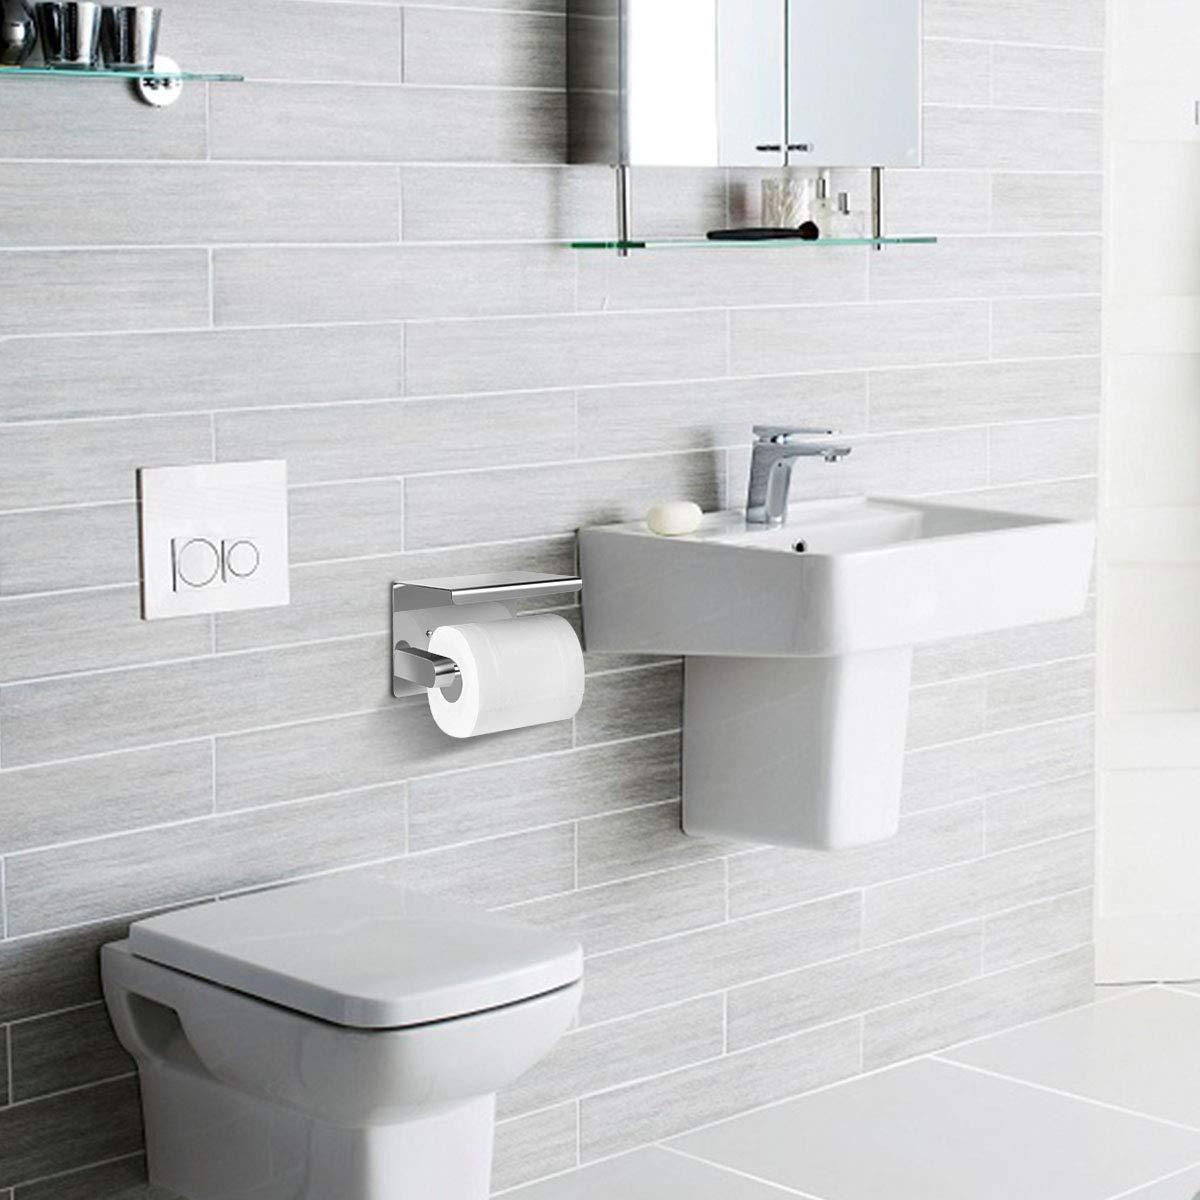 Toilettenpapierhalter Ohne Bohren mit Ablage,SanGlory klorollenhalter Selbstklebend Toilettenpapierrollenhalter Edelstahl Klopapierhalter Wc Papier Halterung Rollenhalter Klorollenhalter zum Kleben